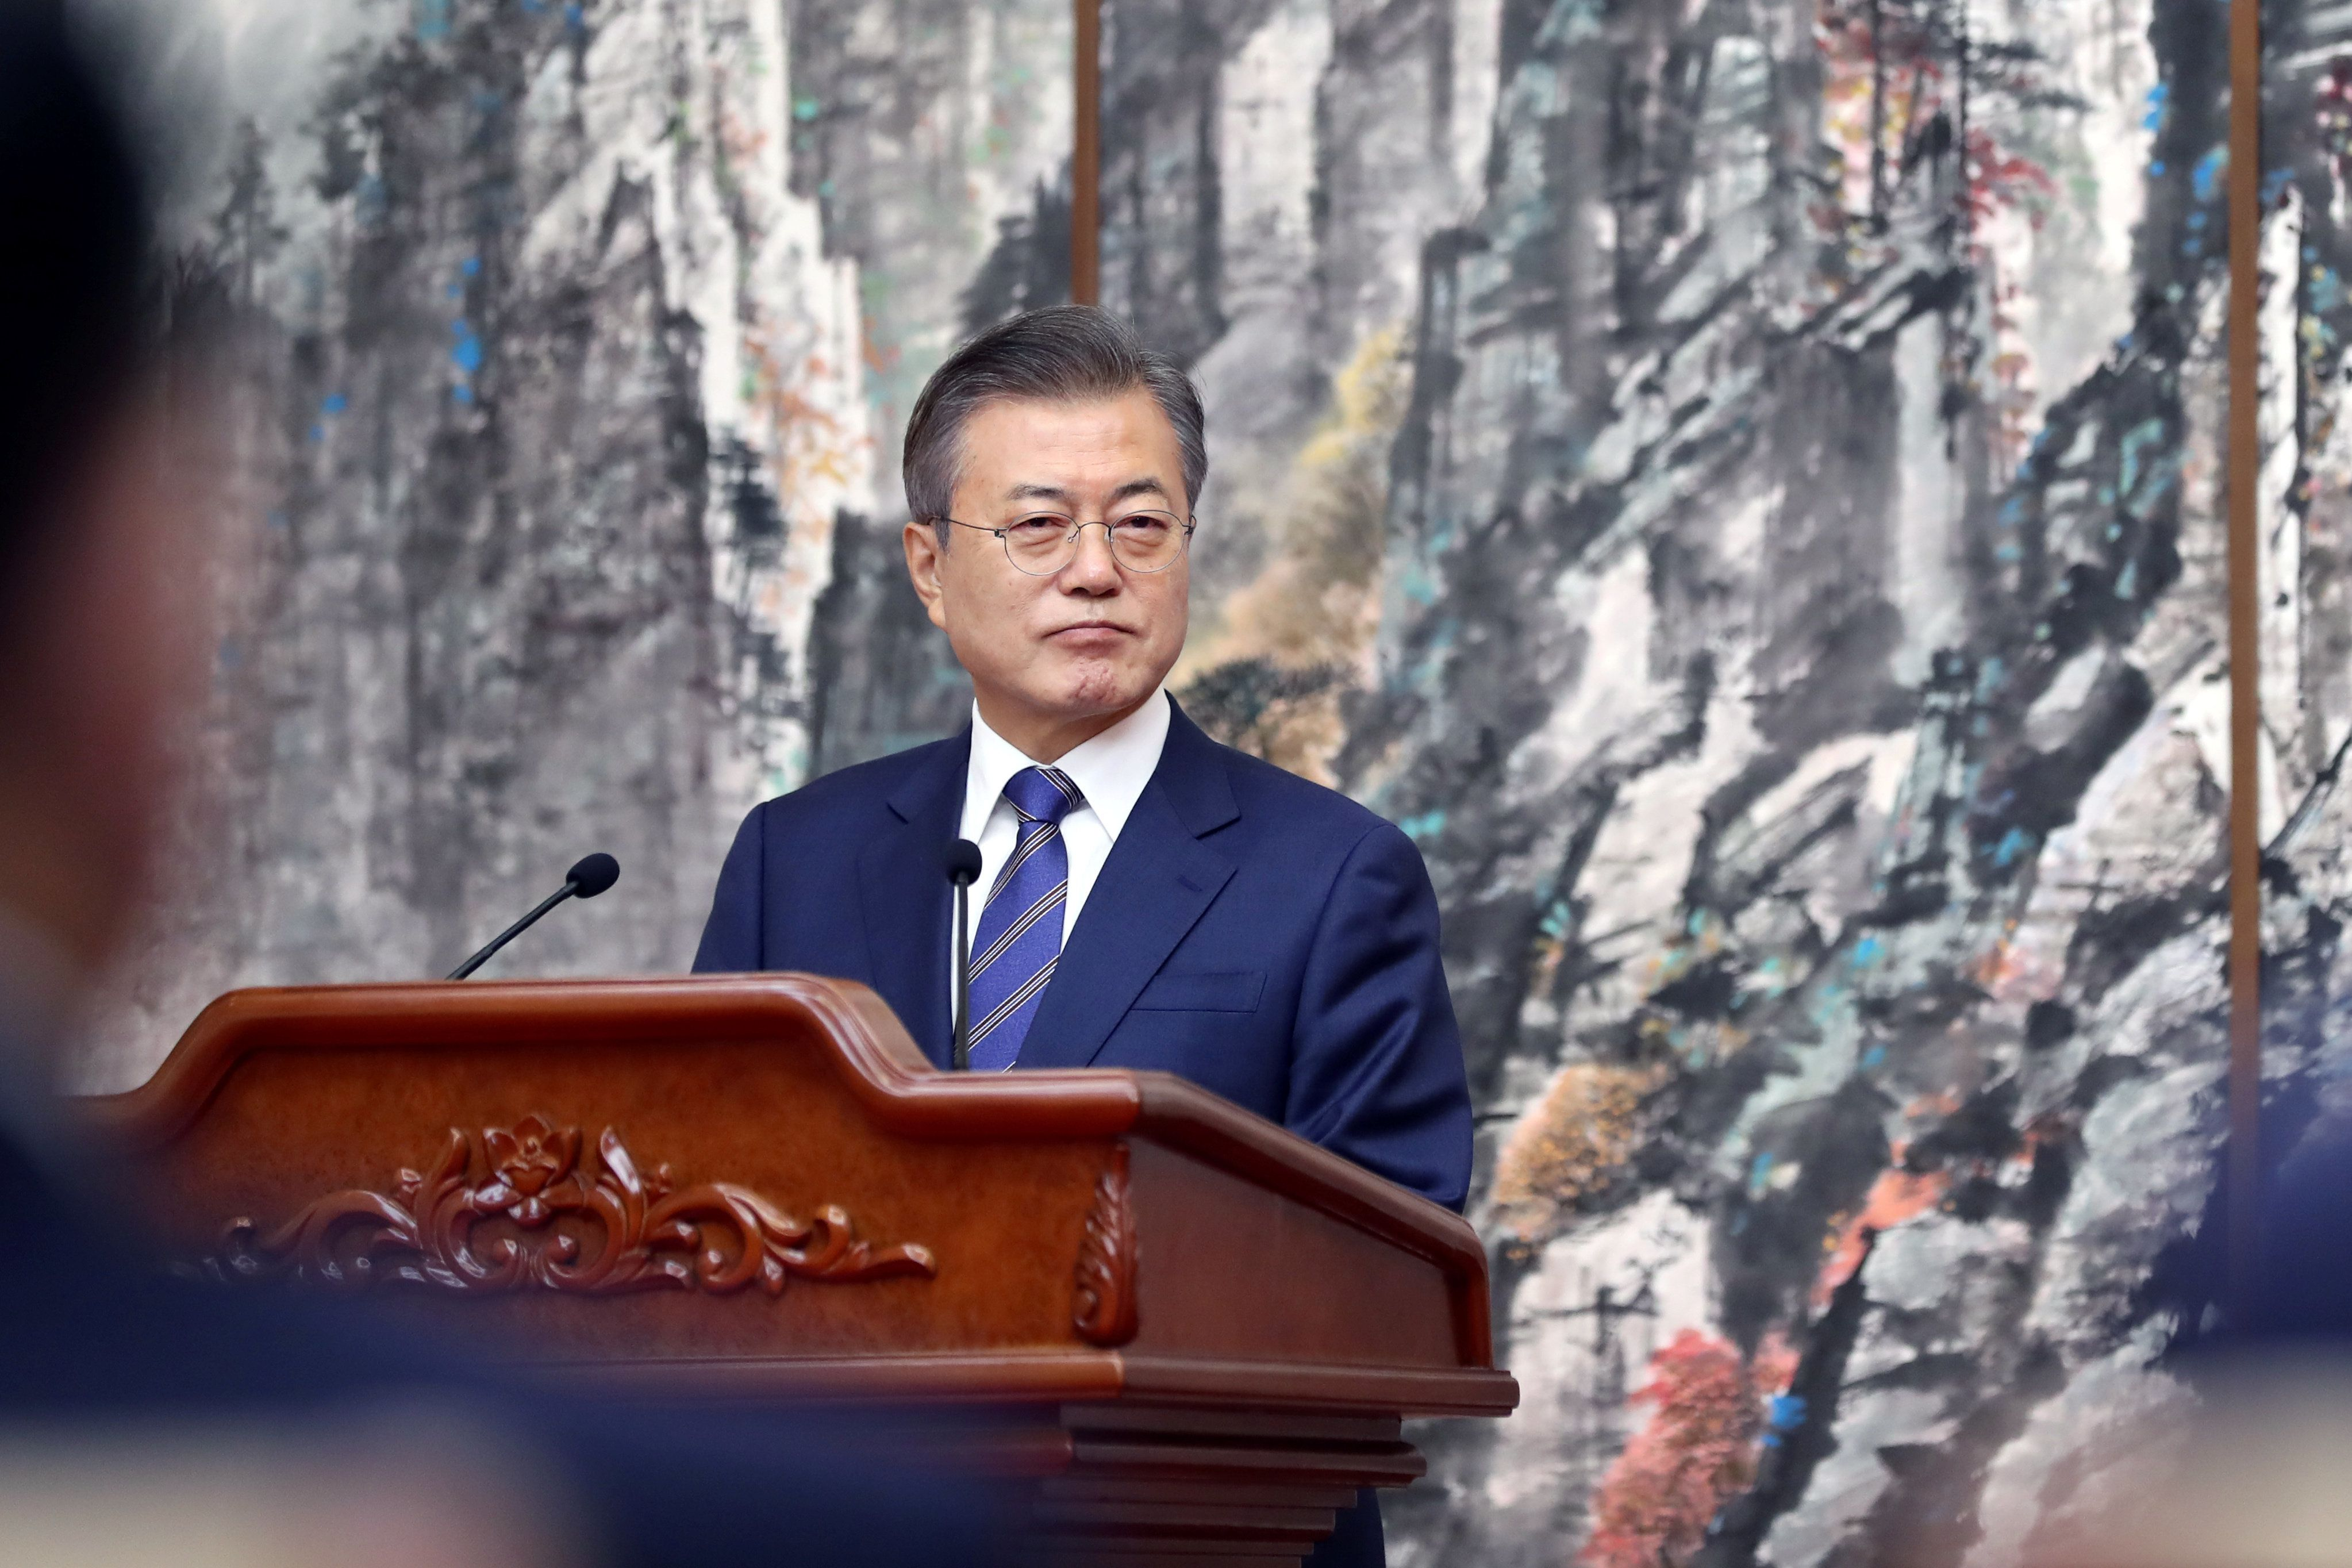 문정인 특보가 '남북 비핵화 합의 부족했다'는 평가에 대해 꺼낸